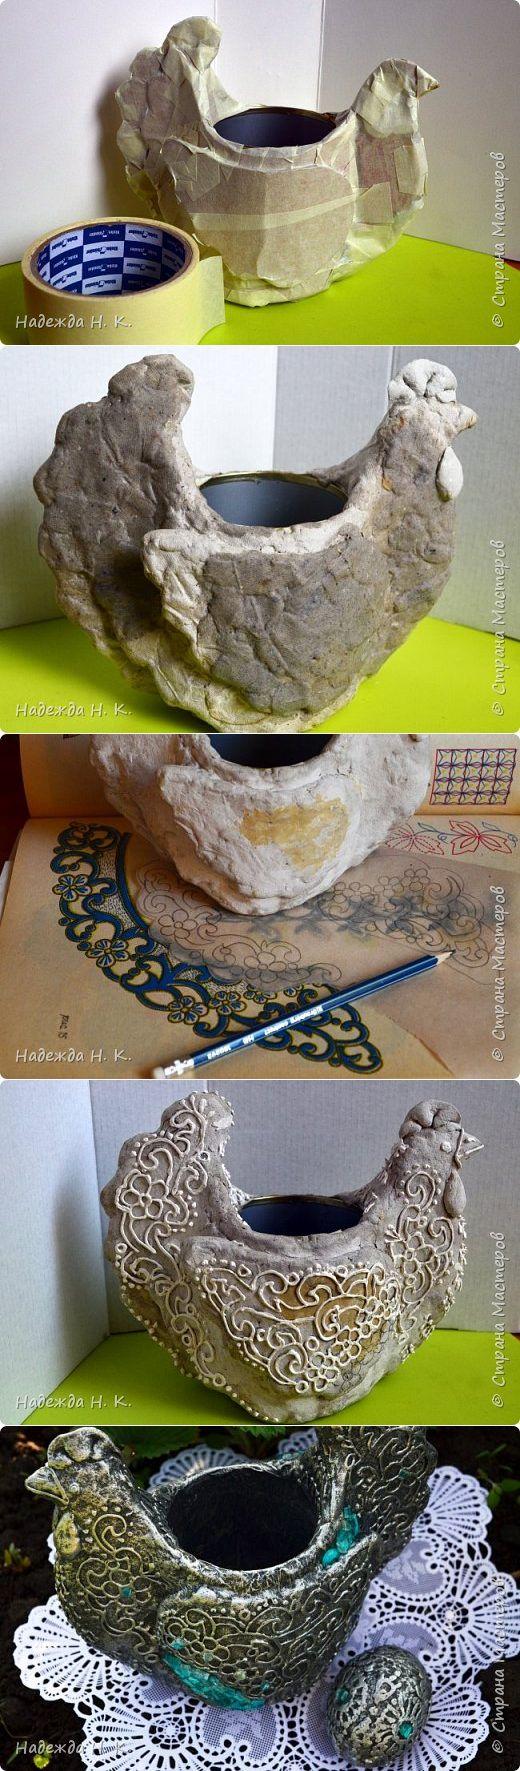 Пасхальная серебряная курочка с сюрпризом. | Страна Мастеров